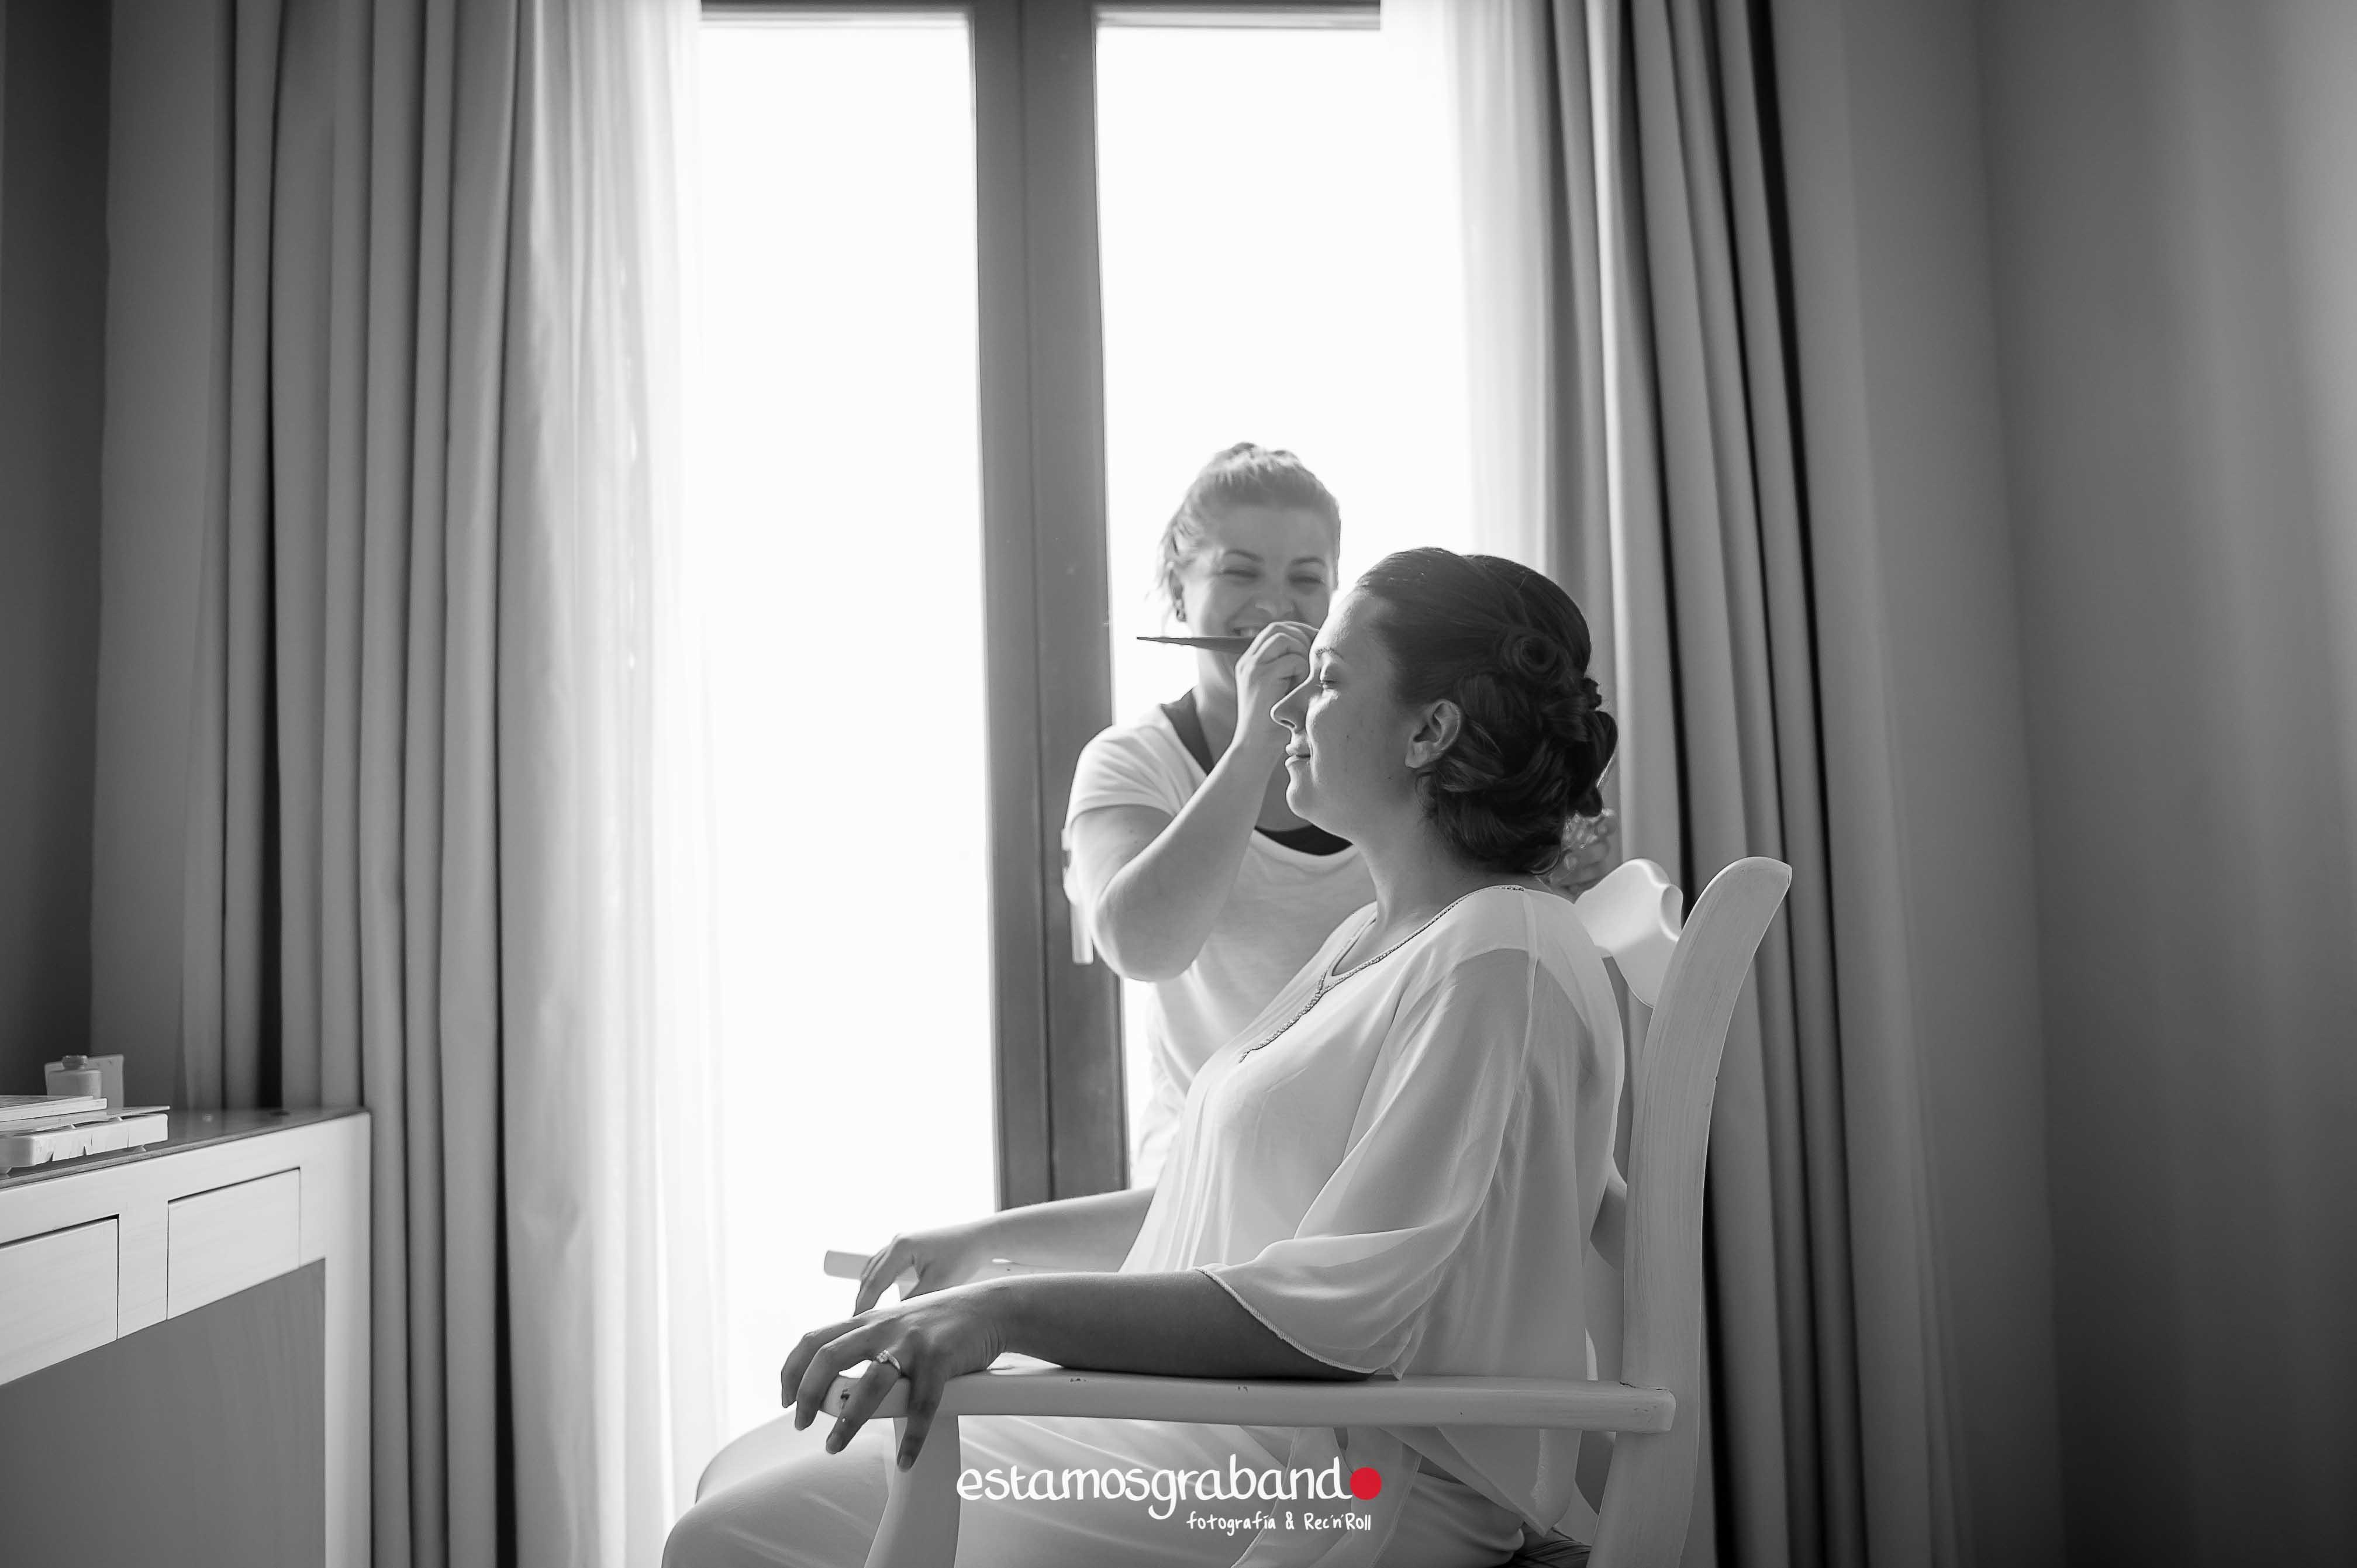 boda-en-chiclana_sonia-y-diego_fotograficc81a-de-boda-12 Zahara Sonia + Diego [Fotografía de Boda en Zahara] - video boda cadiz